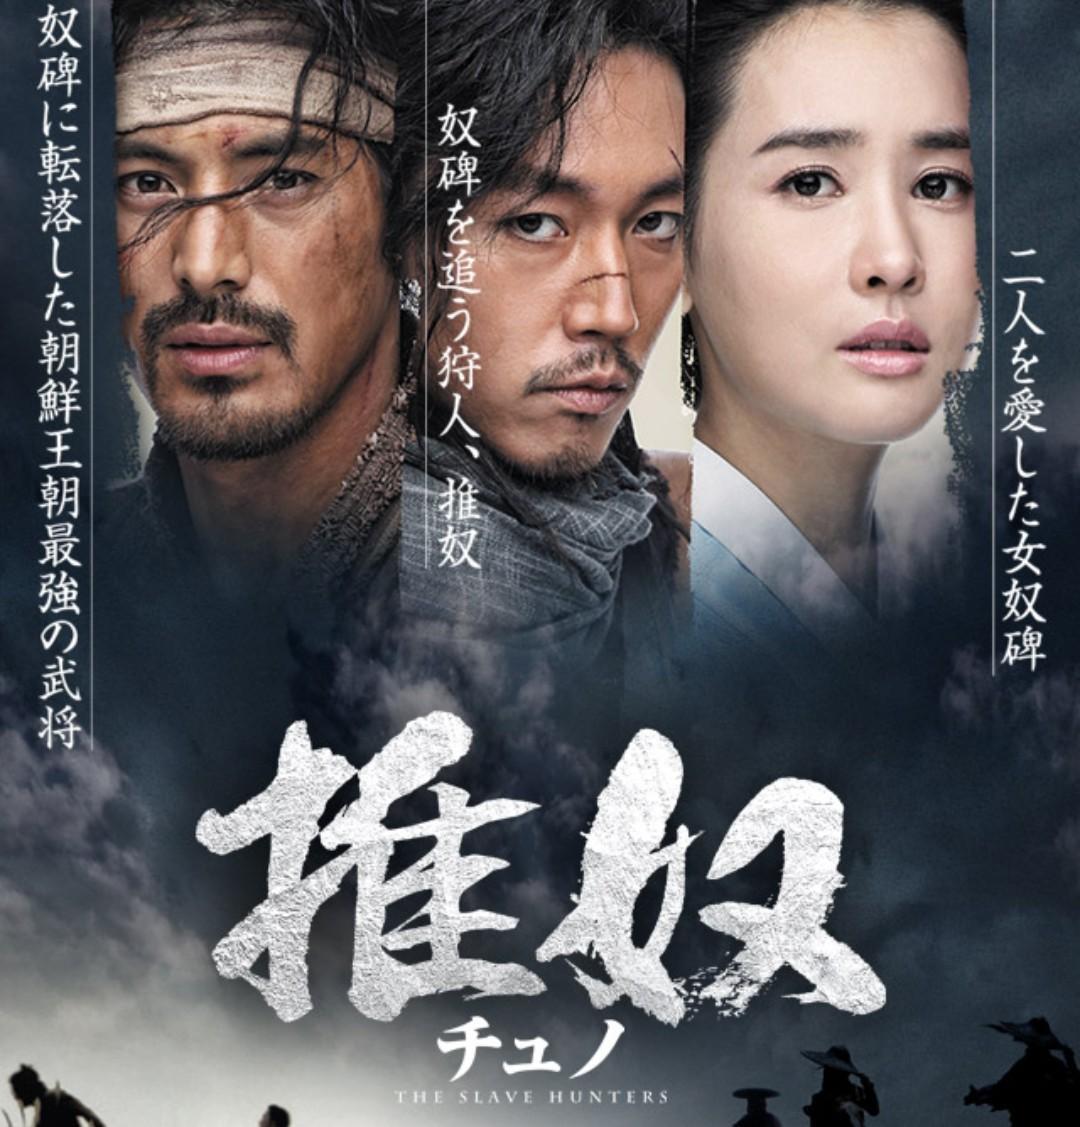 *難あり*Blu-ray (ケース付き) 韓国ドラマ 推奴 チュノ ブルーレイ